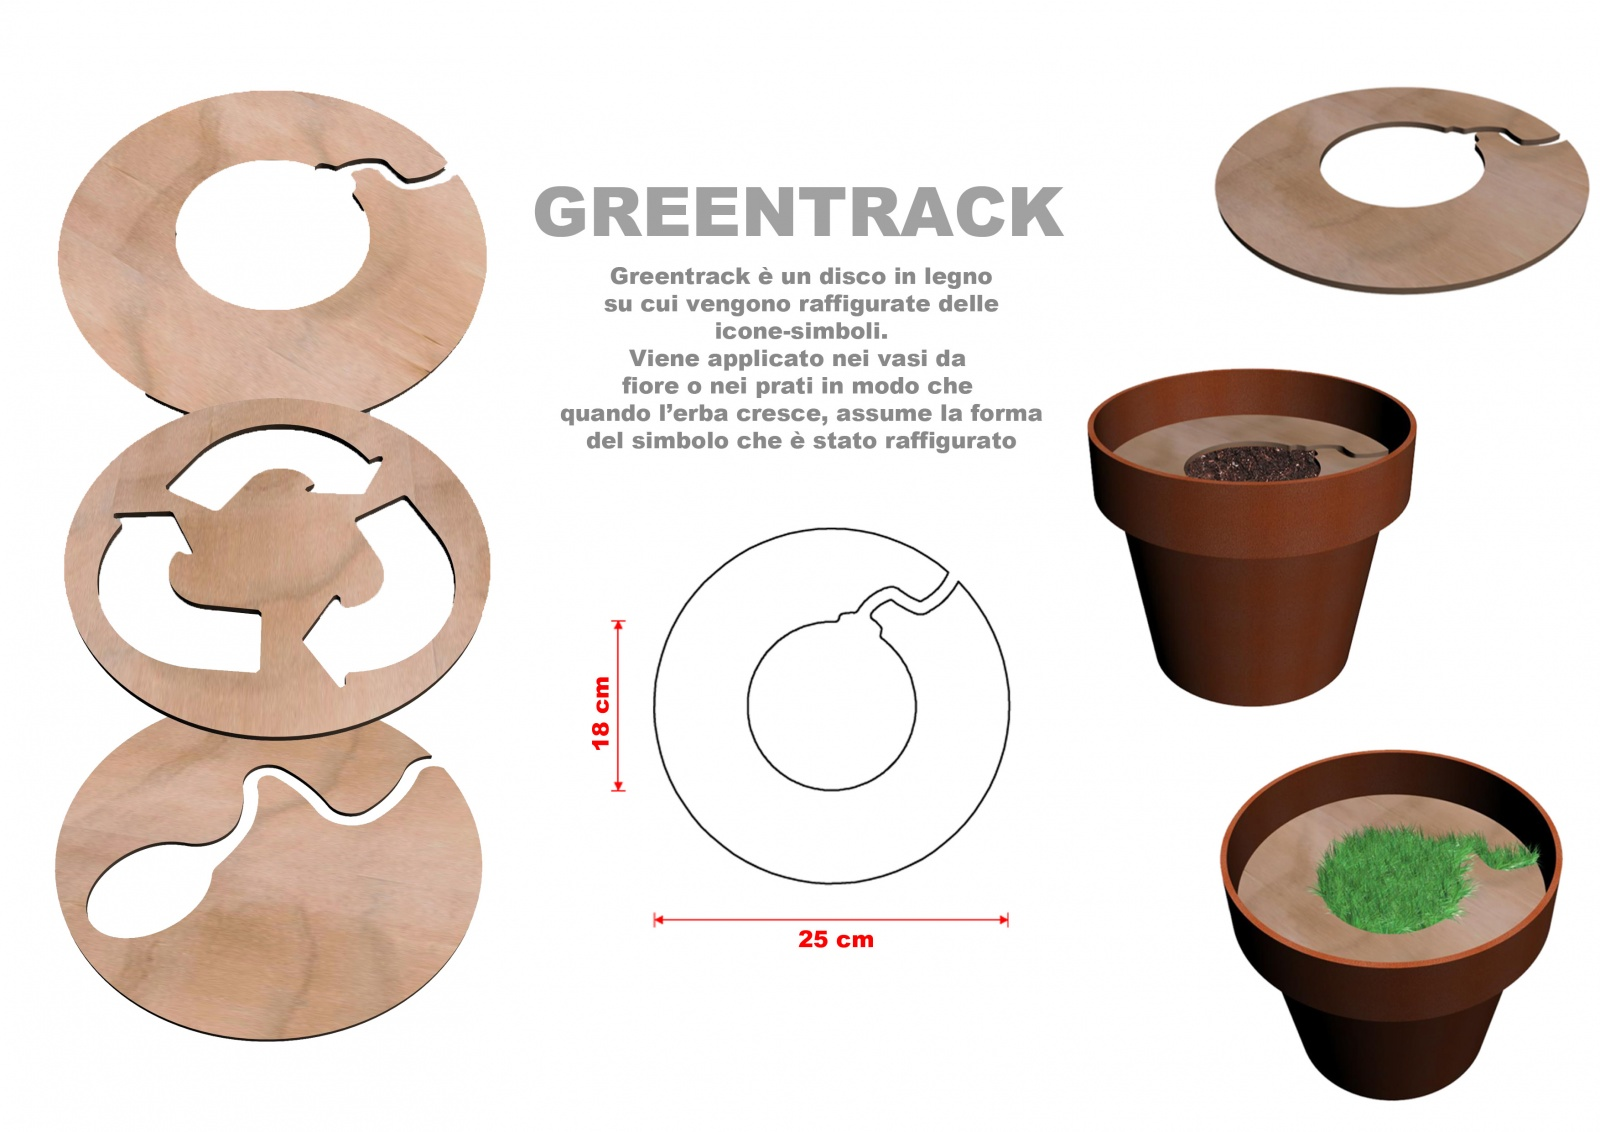 Funzionamento - Greentrack è un disco in legno su cui vengono raffigurate delle icone-simboli. Viene applicato nei vasi da fiore o nei prati in modo che quando l'erba cresce, assume la forma del simbolo che è stato raffigurato